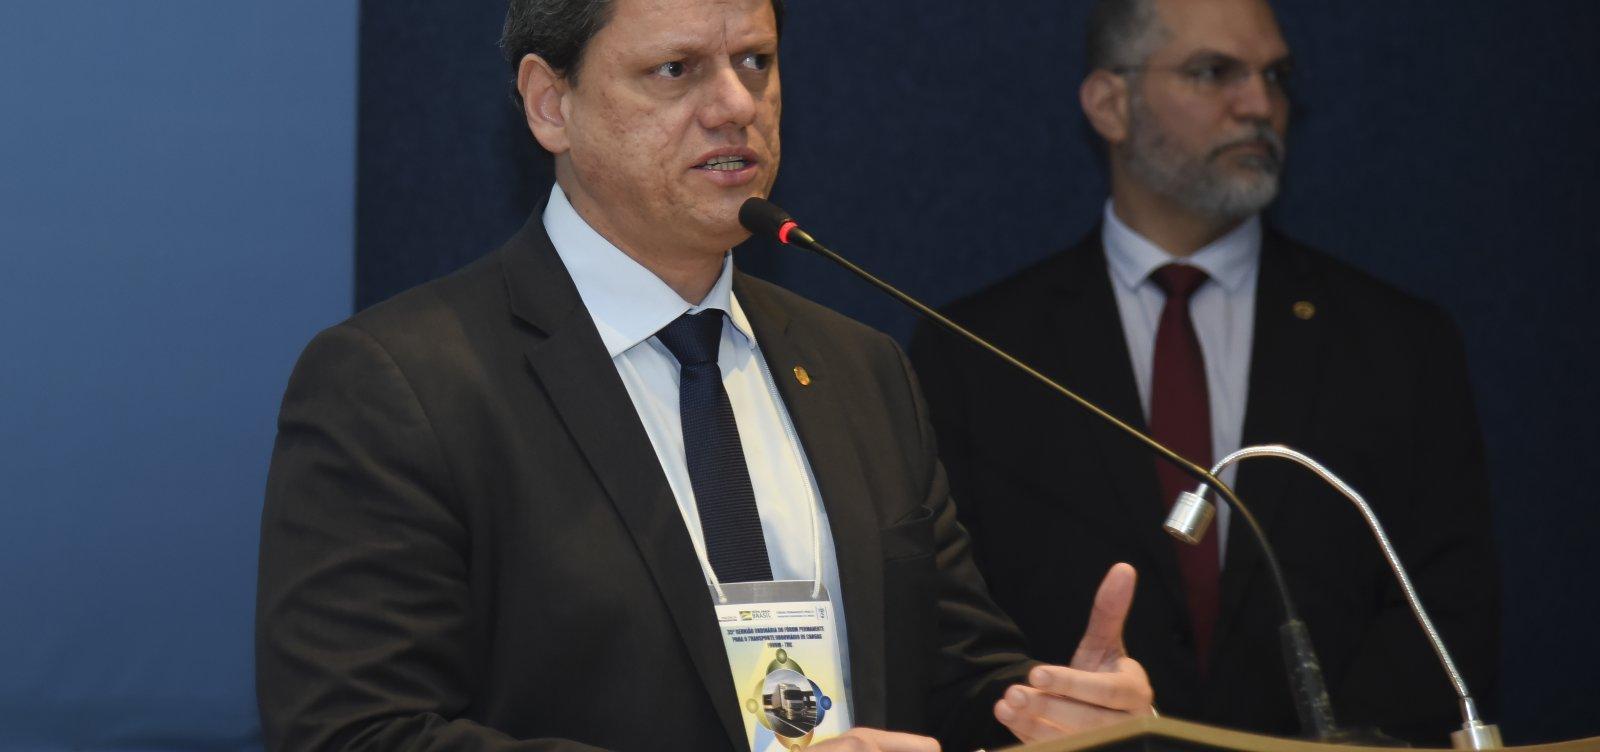 [Ministro diz que Bolsonaro não viajou para Salvador por motivos de saúde: 'Médico recomendou']